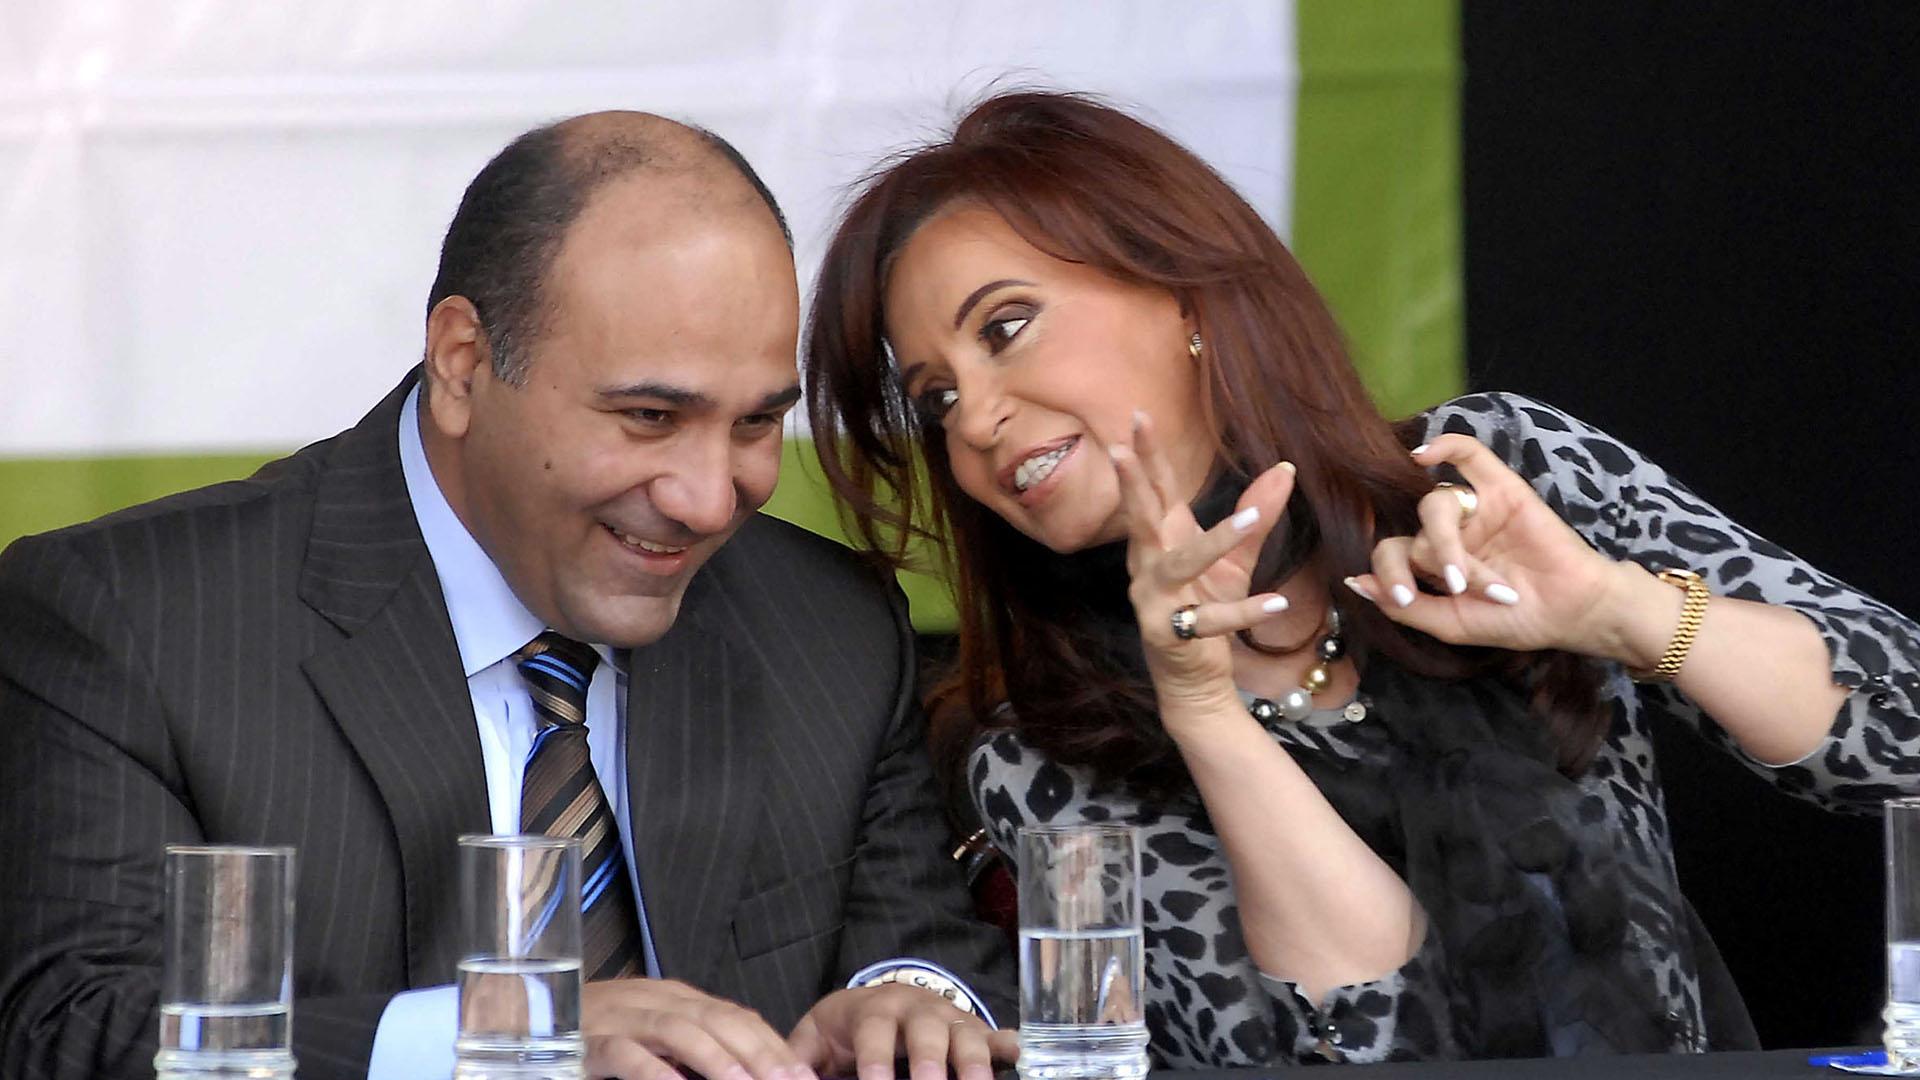 """Manzur se despegó de De Vido y afirmó que """"Cristina es un ciclo político  concluido"""" - Infobae"""